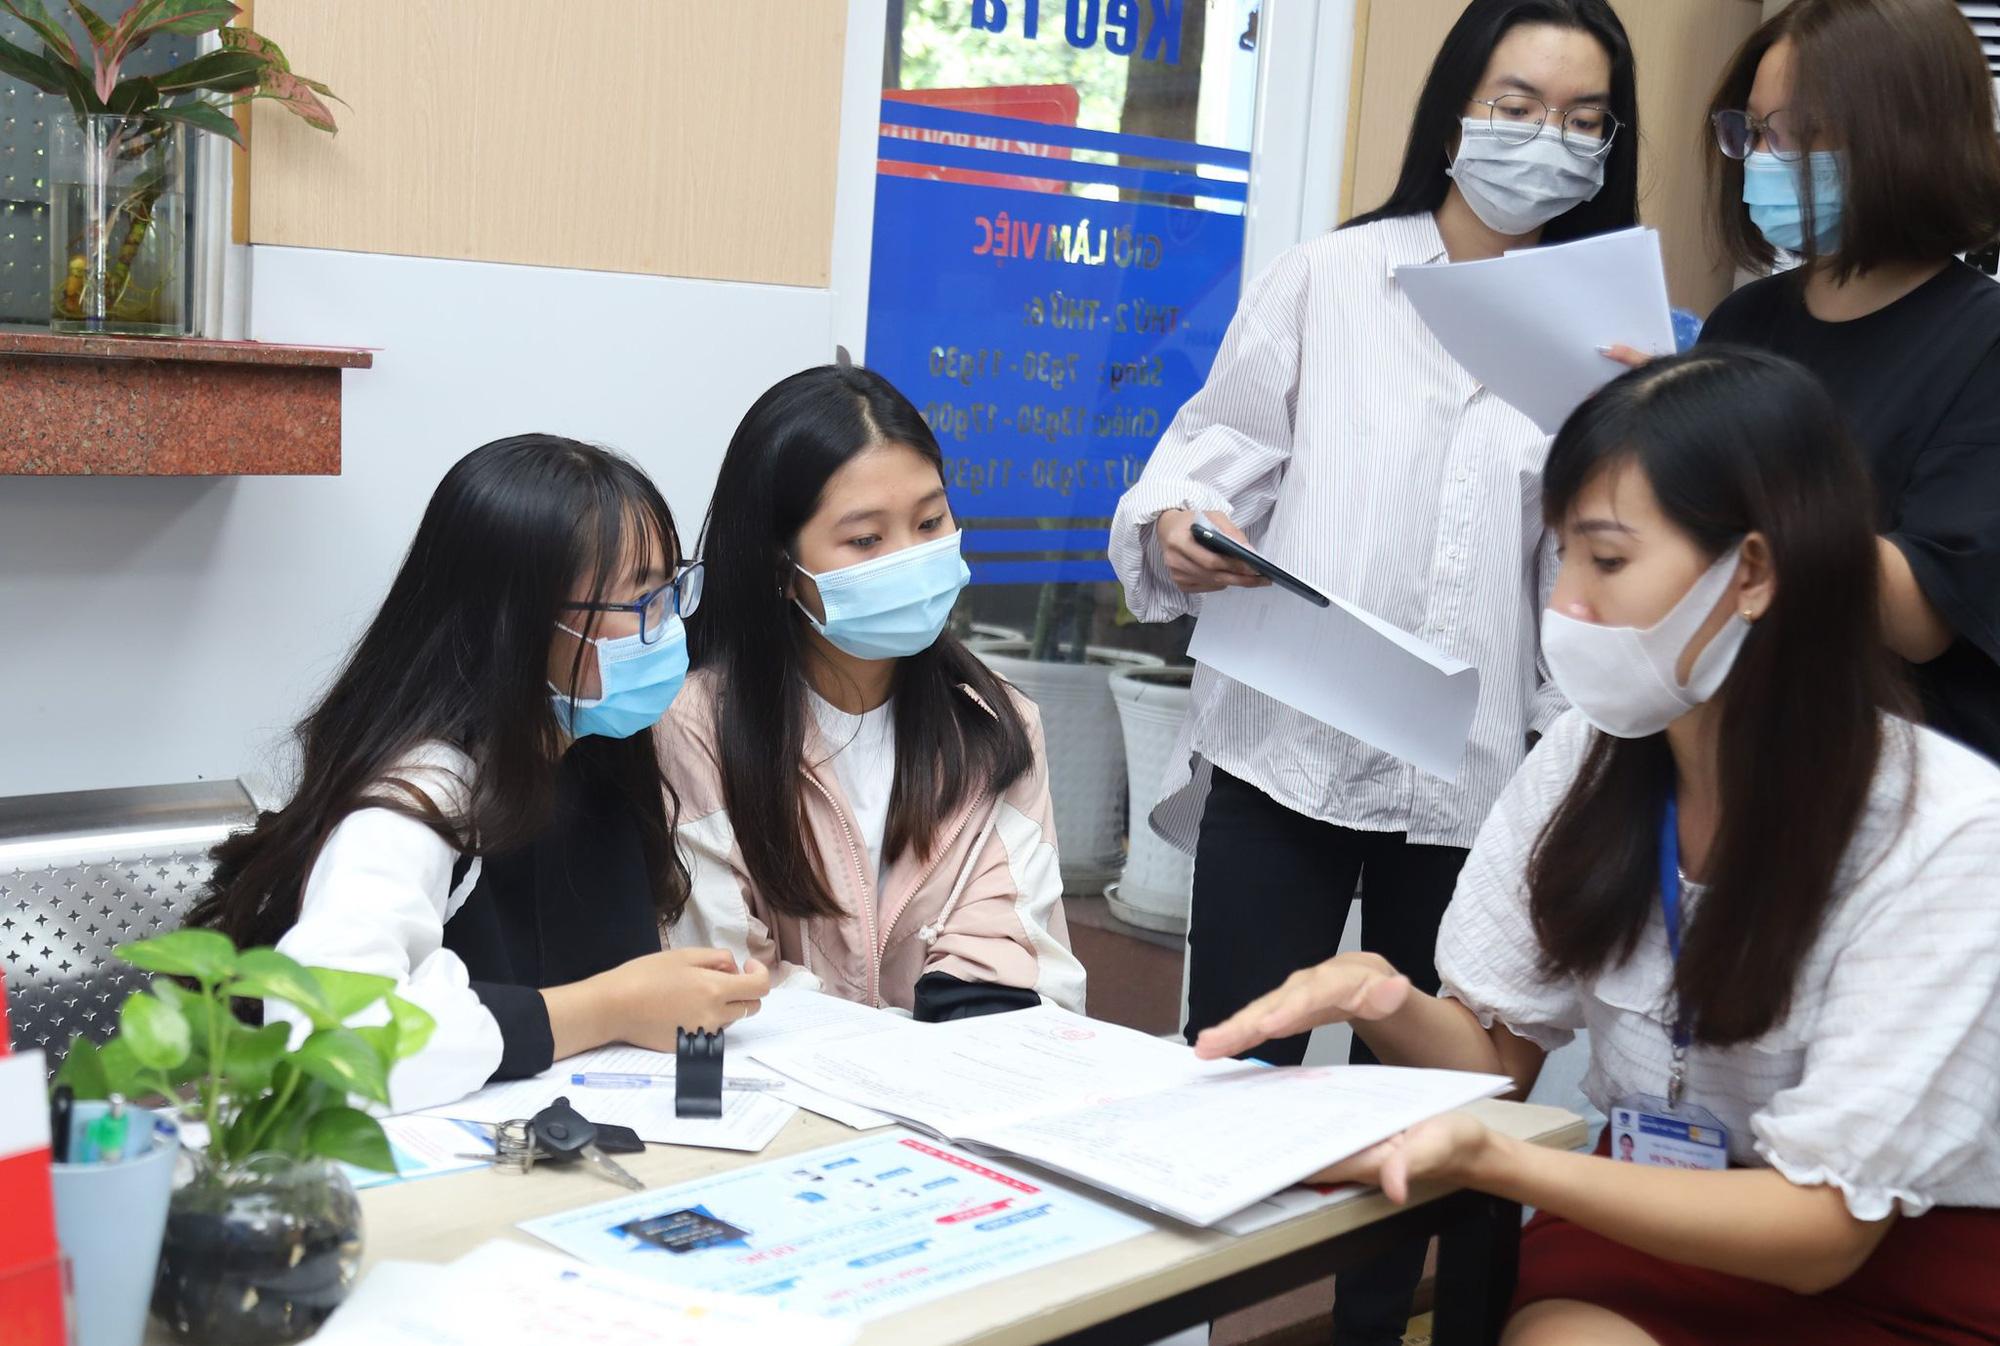 Nhận ngay học bổng 5 triệu đồng khi nhập học trước 14/09 tại Trường Đại học Nguyễn Tất Thành - Ảnh 1.